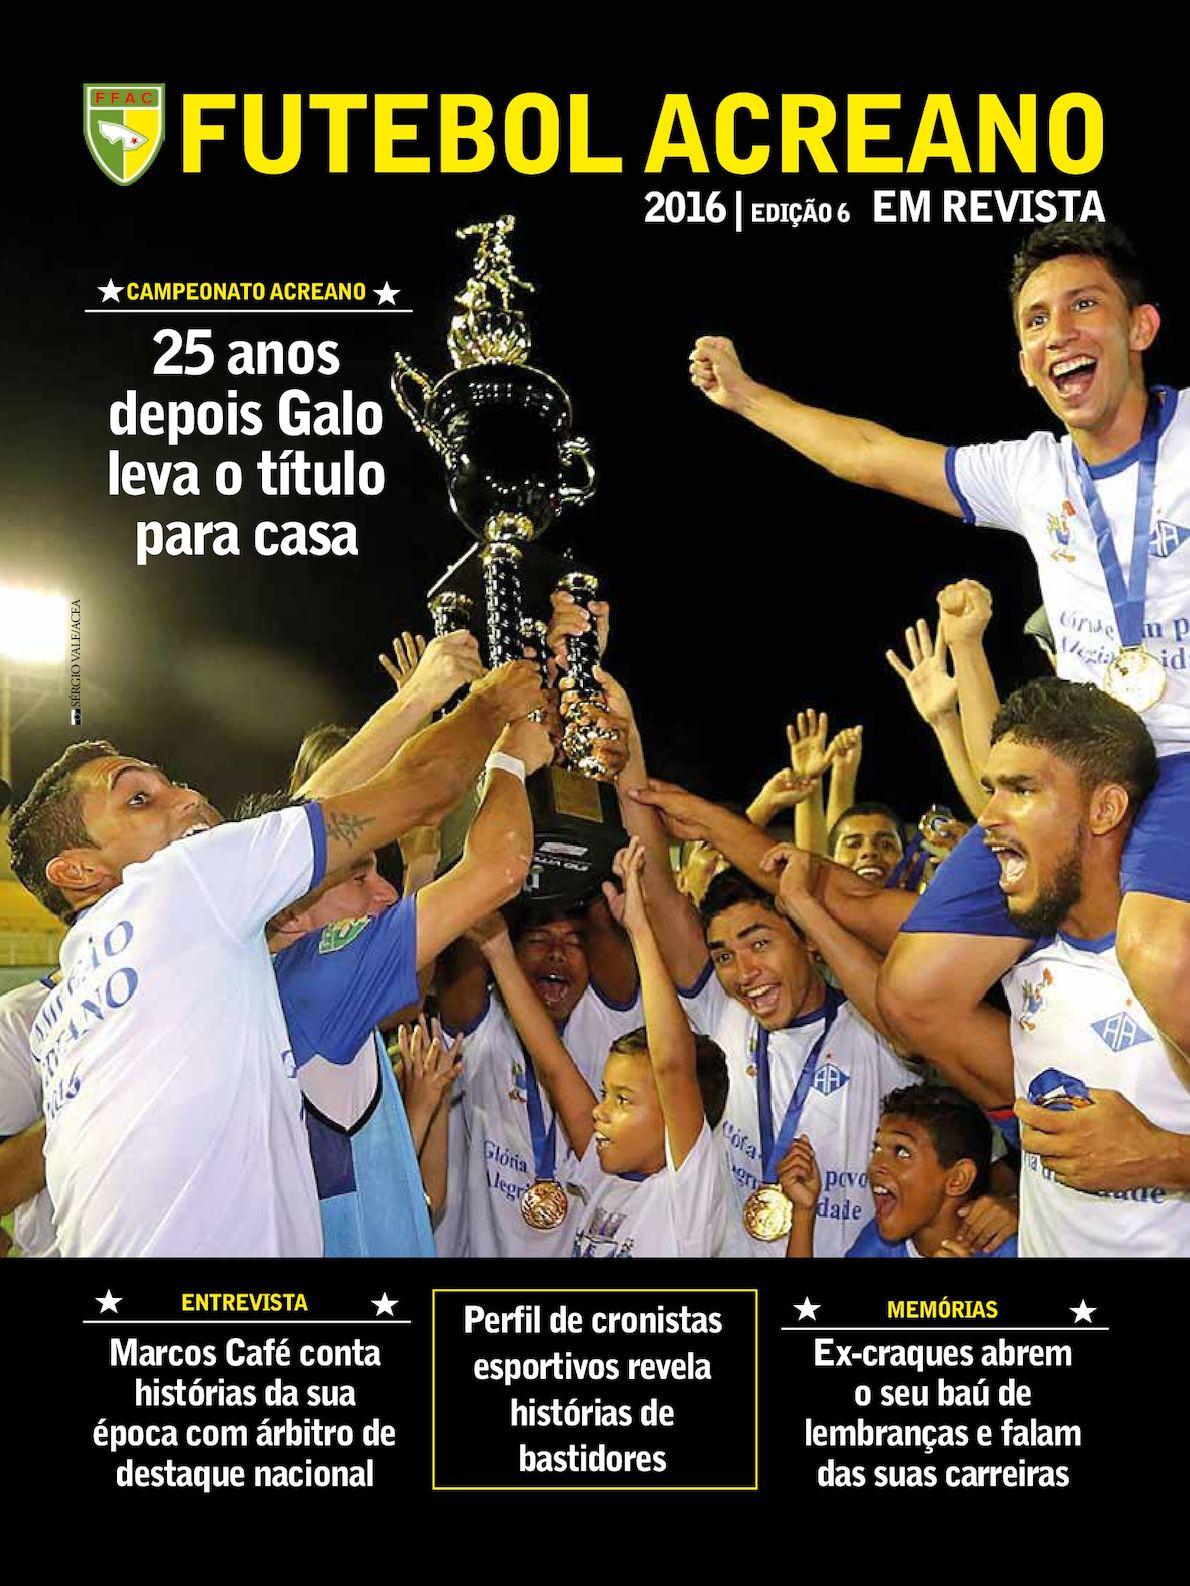 d14ef6d45c Calaméo - FUTEBOL ACREANO em Revista - Edição 6